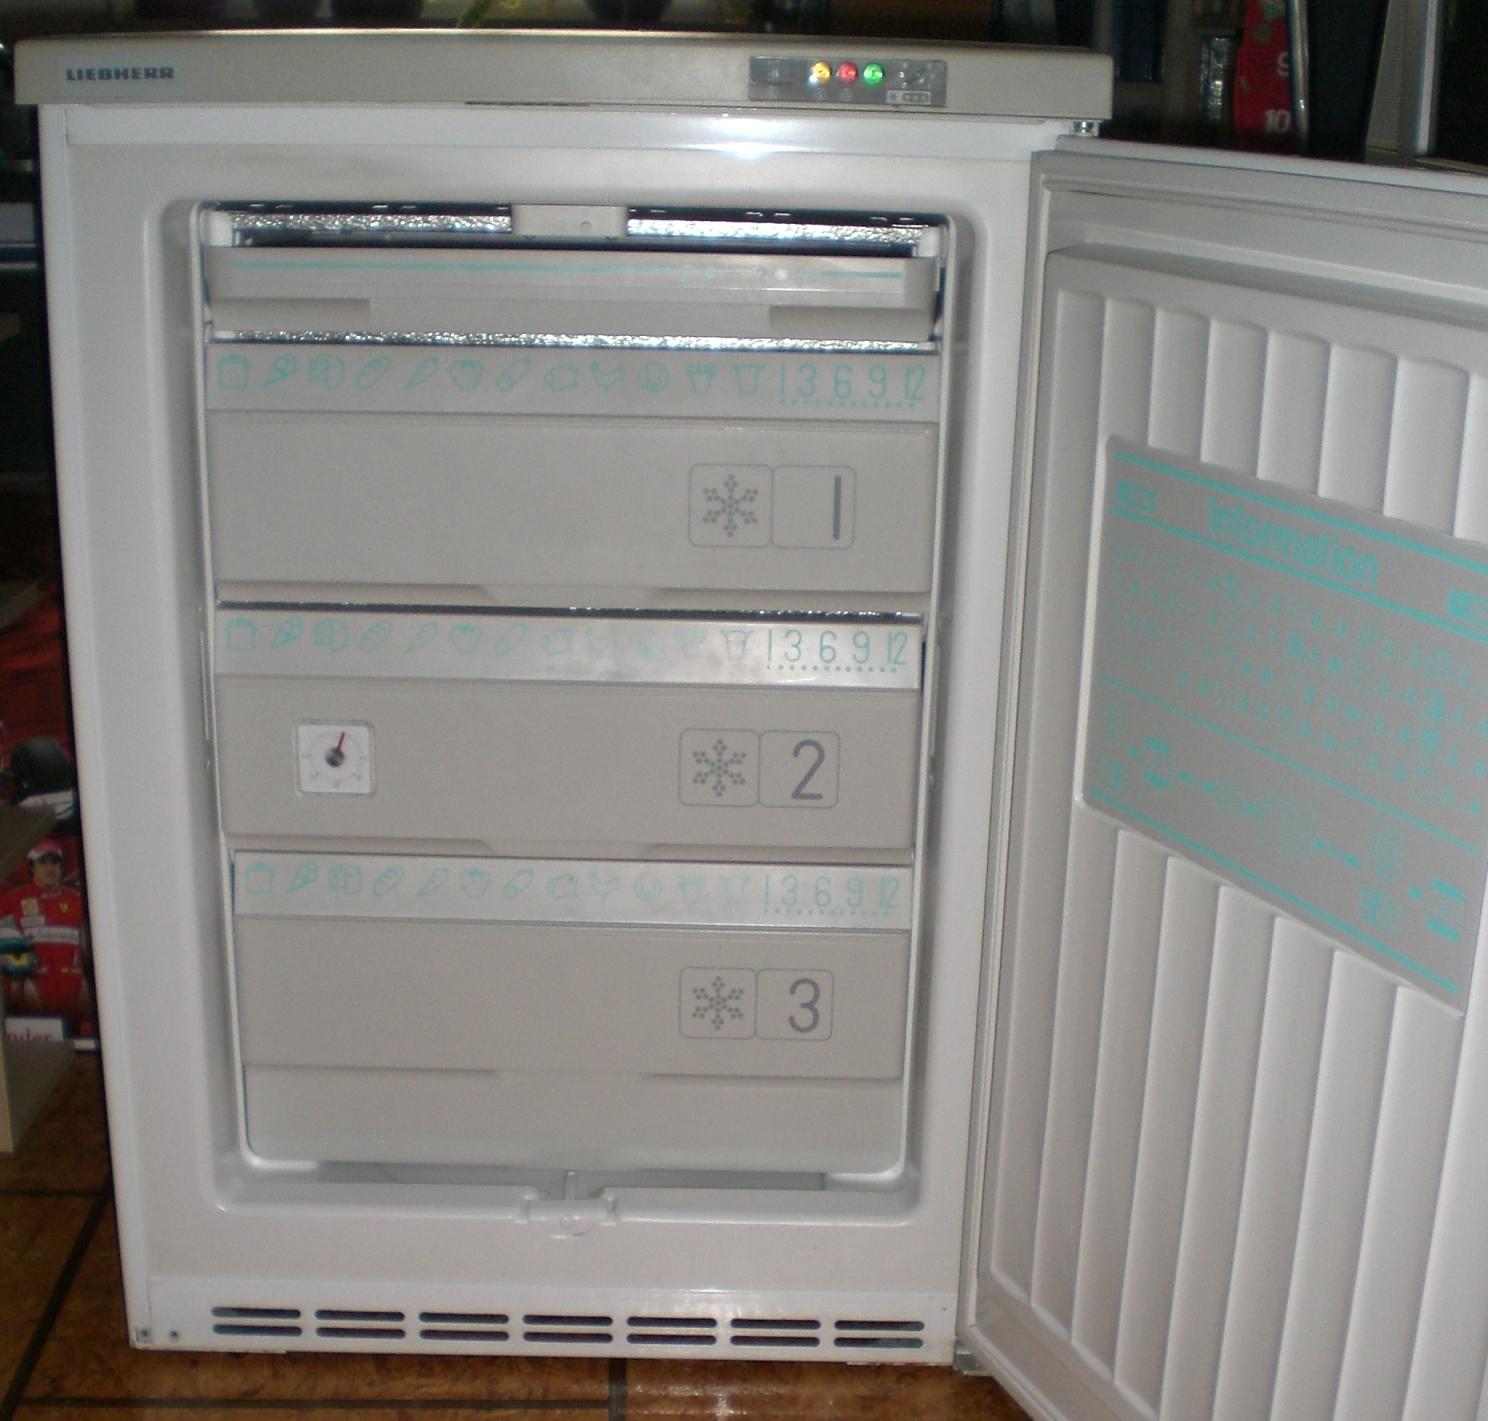 Liebherr Gefrierschrank GS 1182-2 voll funktionstüchtig | eBay